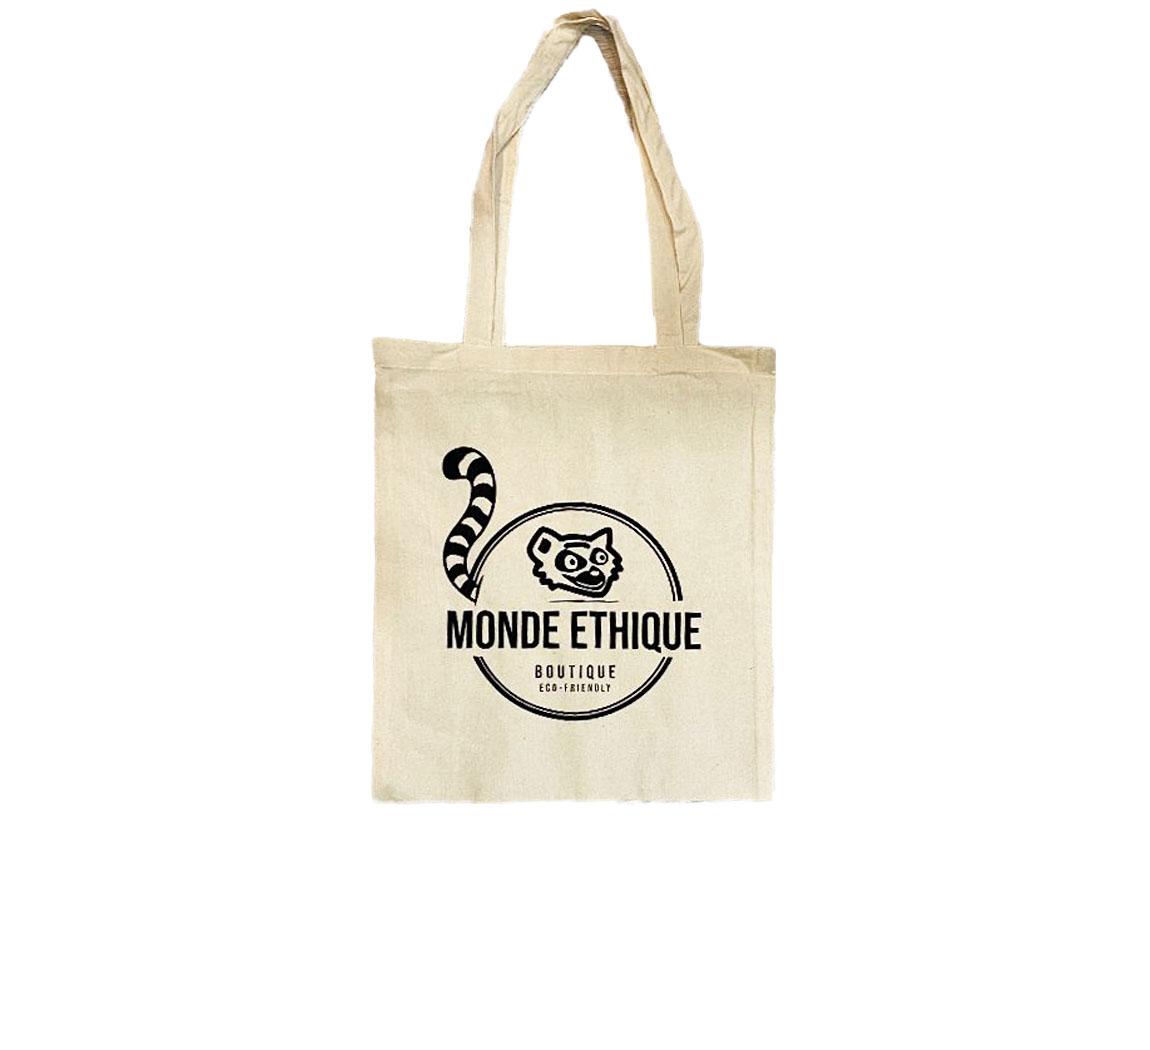 Cabas en coton recyclé Monde éthique Tote Bag Monde Ethique by EPH